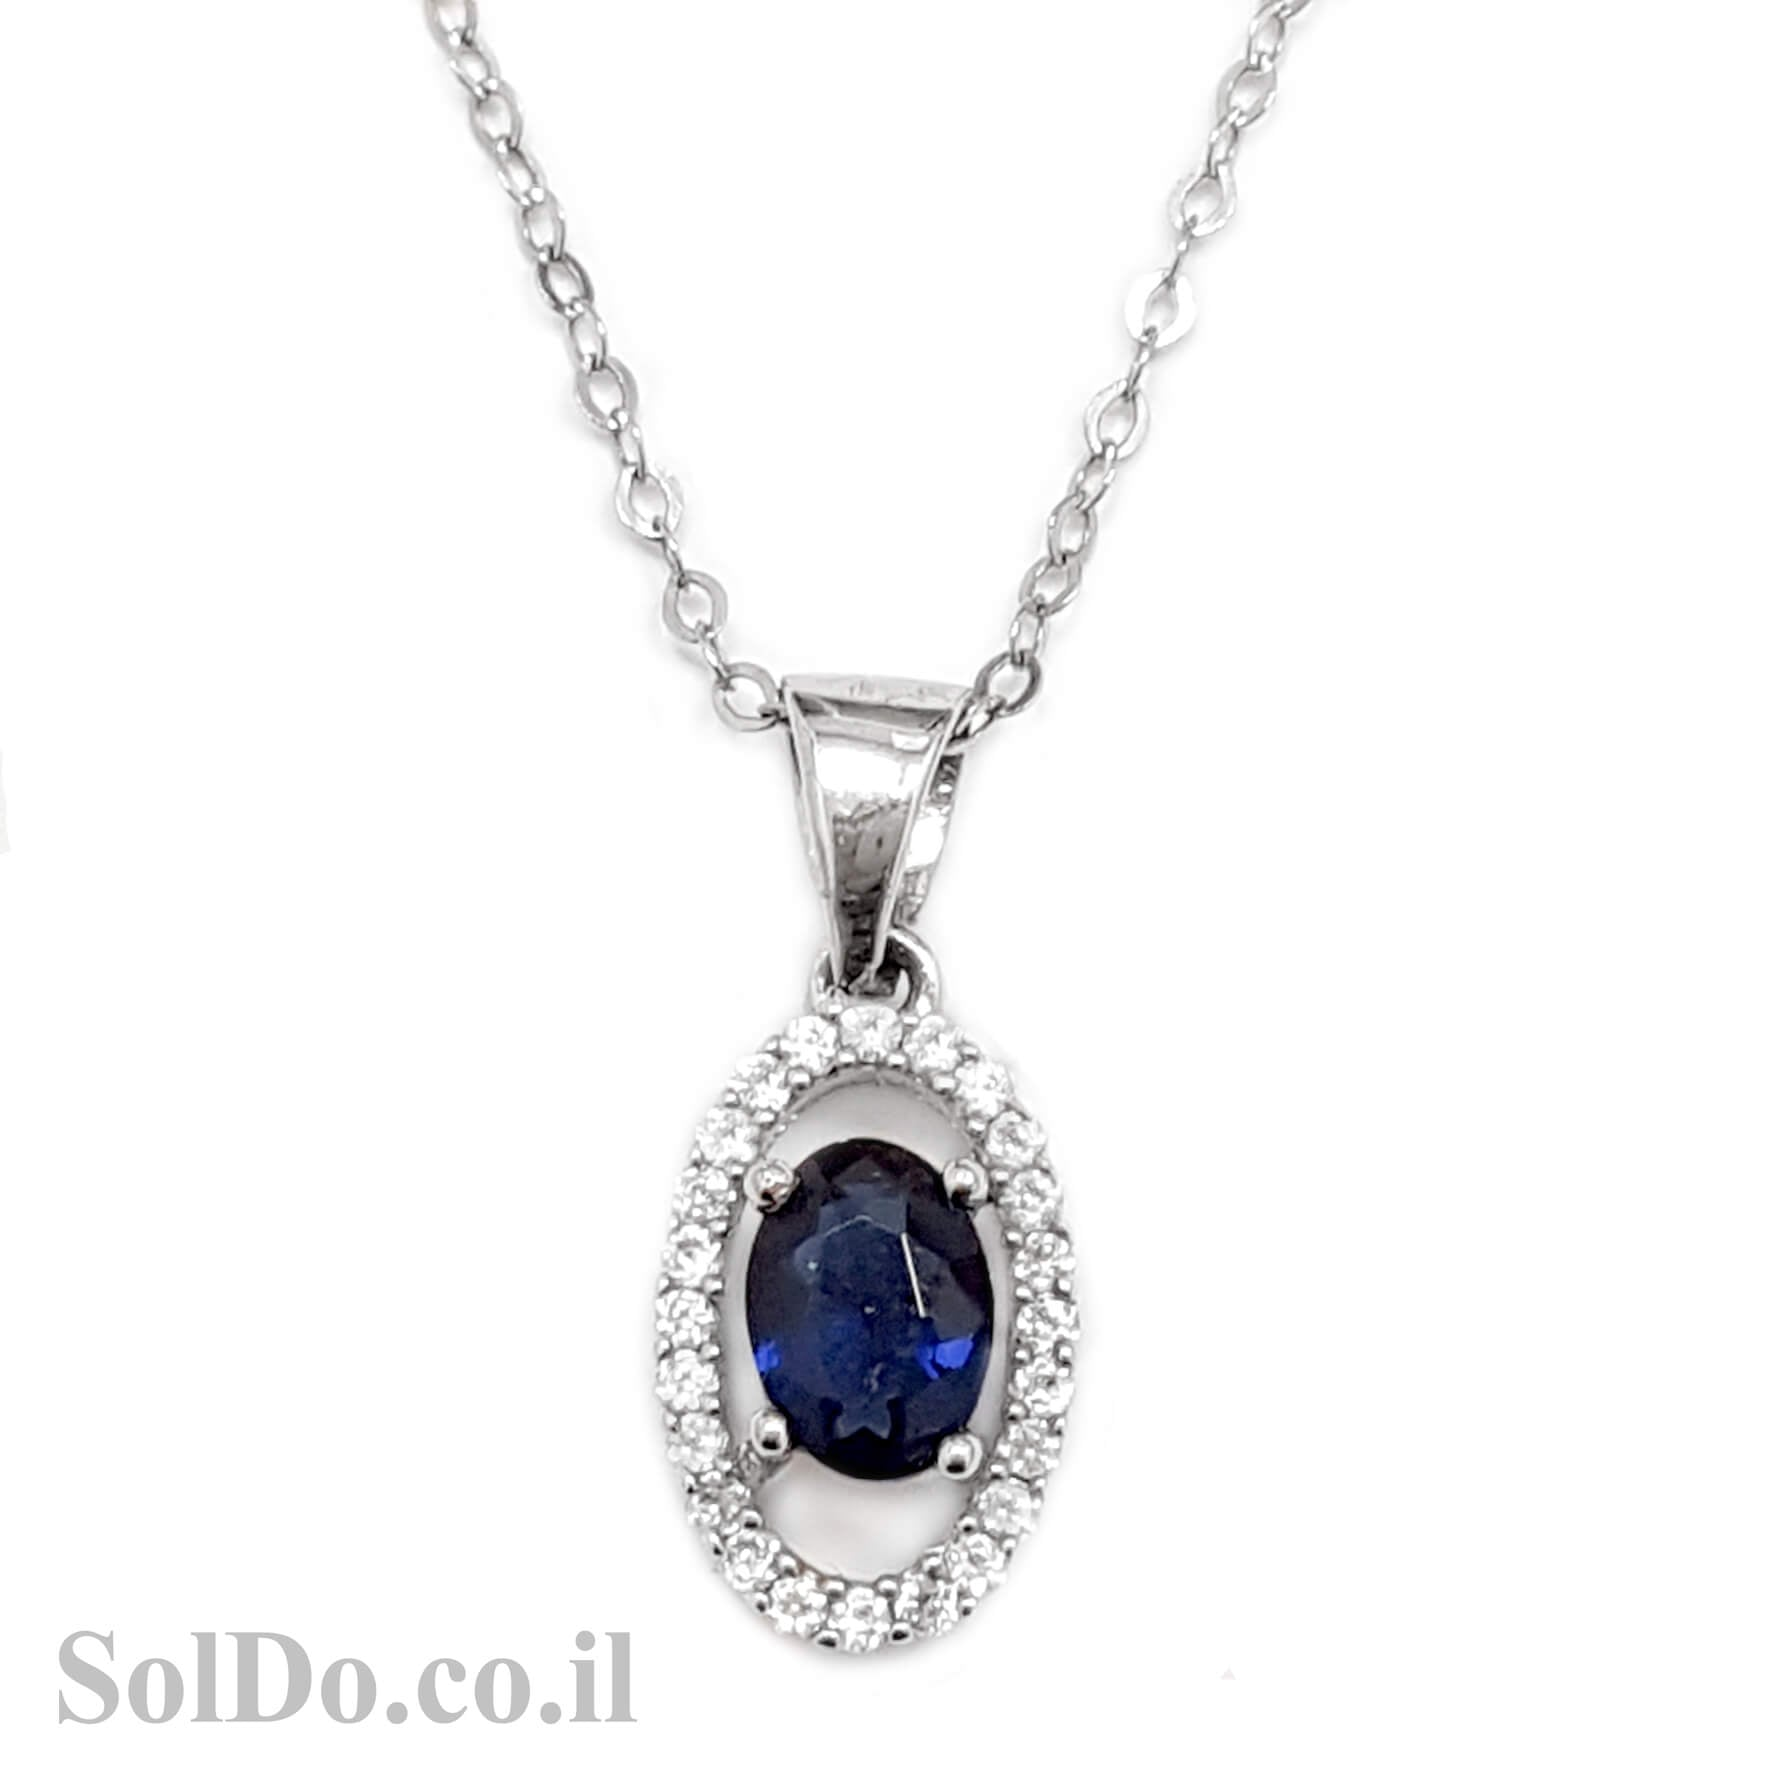 תליון מכסף  משובץ אבן זרקון כחולה מרכזית ואבני זרקון T8604 | תכשיטי כסף